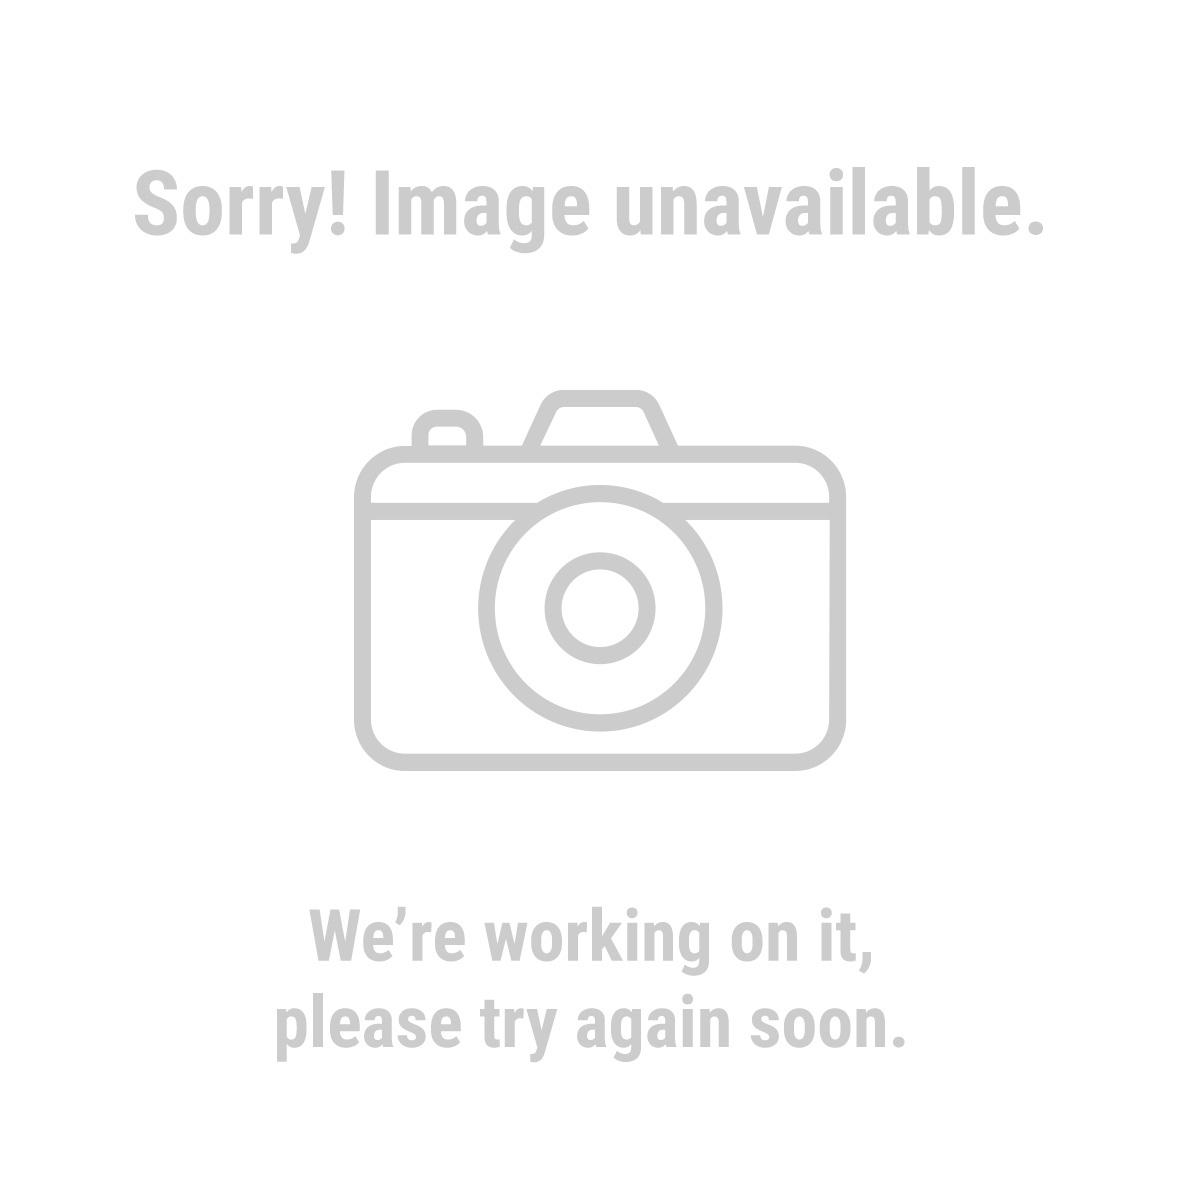 HFT 61866 50 ft. x 12 Gauge Outdoor Extension Cord